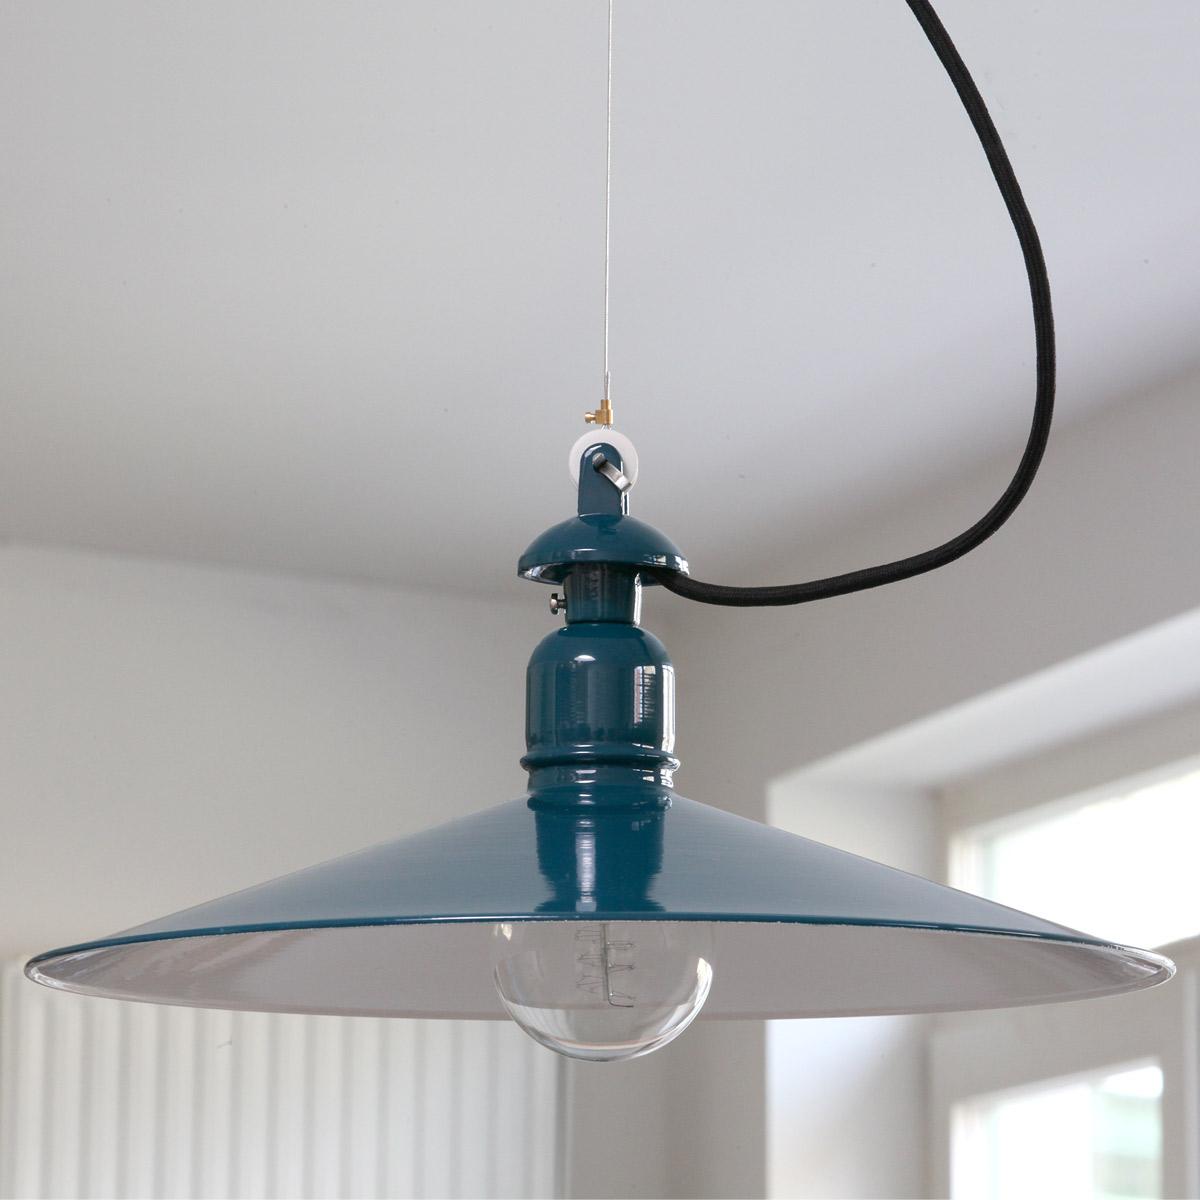 Flache blaue Pendelleuchte aus gedrücktem Stahlblech: BINGEN mit 300 mm in RAL 5020 Ozeanblau